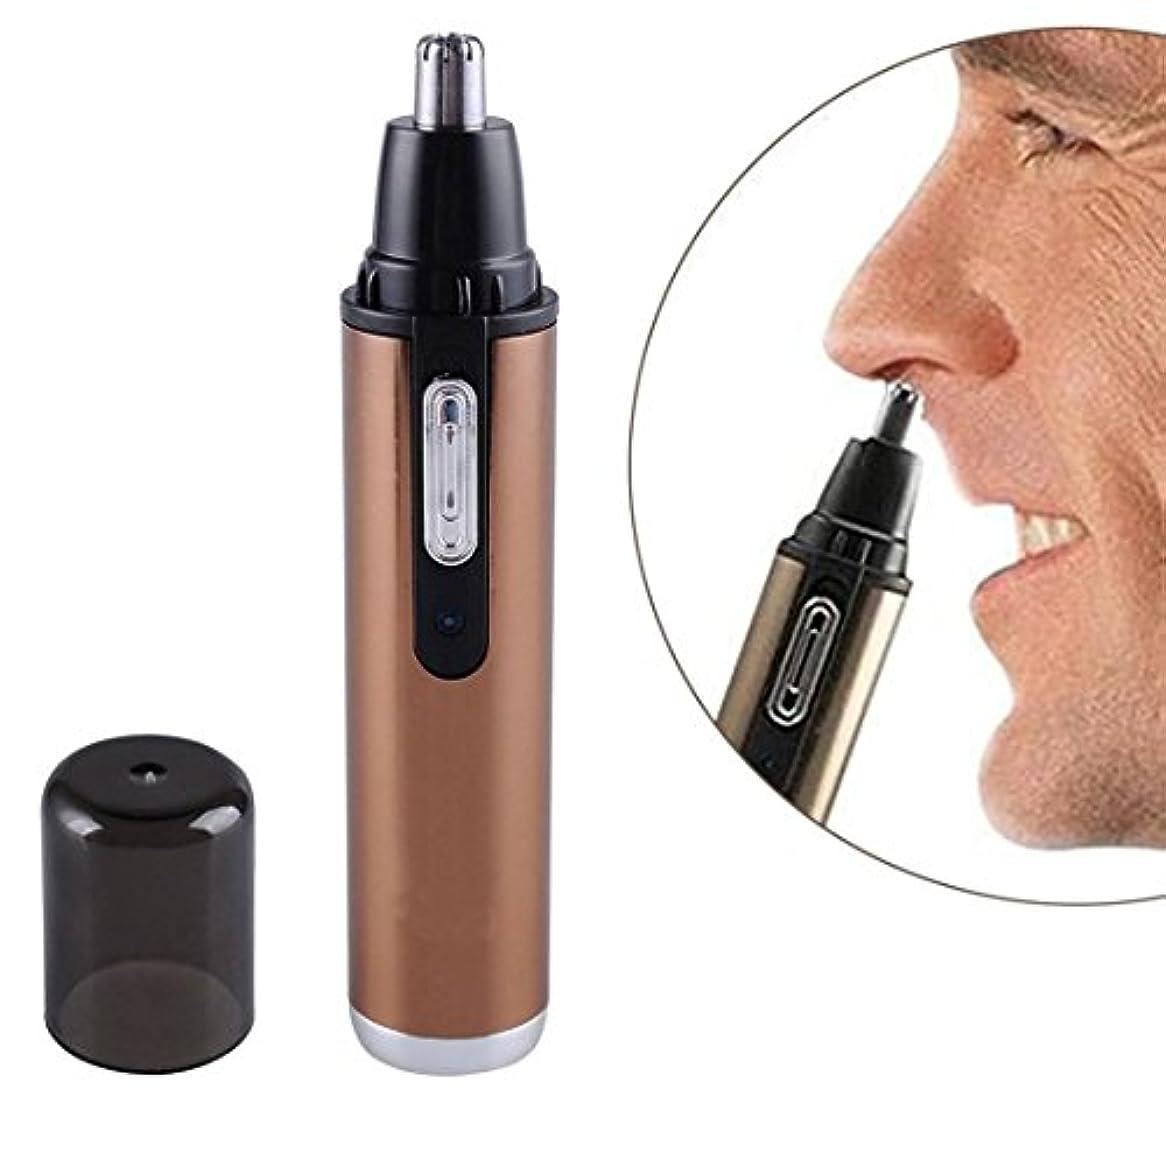 マトリックス縮れたシットコム男性の眉毛と鼻毛のトリマー、充電式のプロの無痛脱毛ステンレス鋼刃かみそり